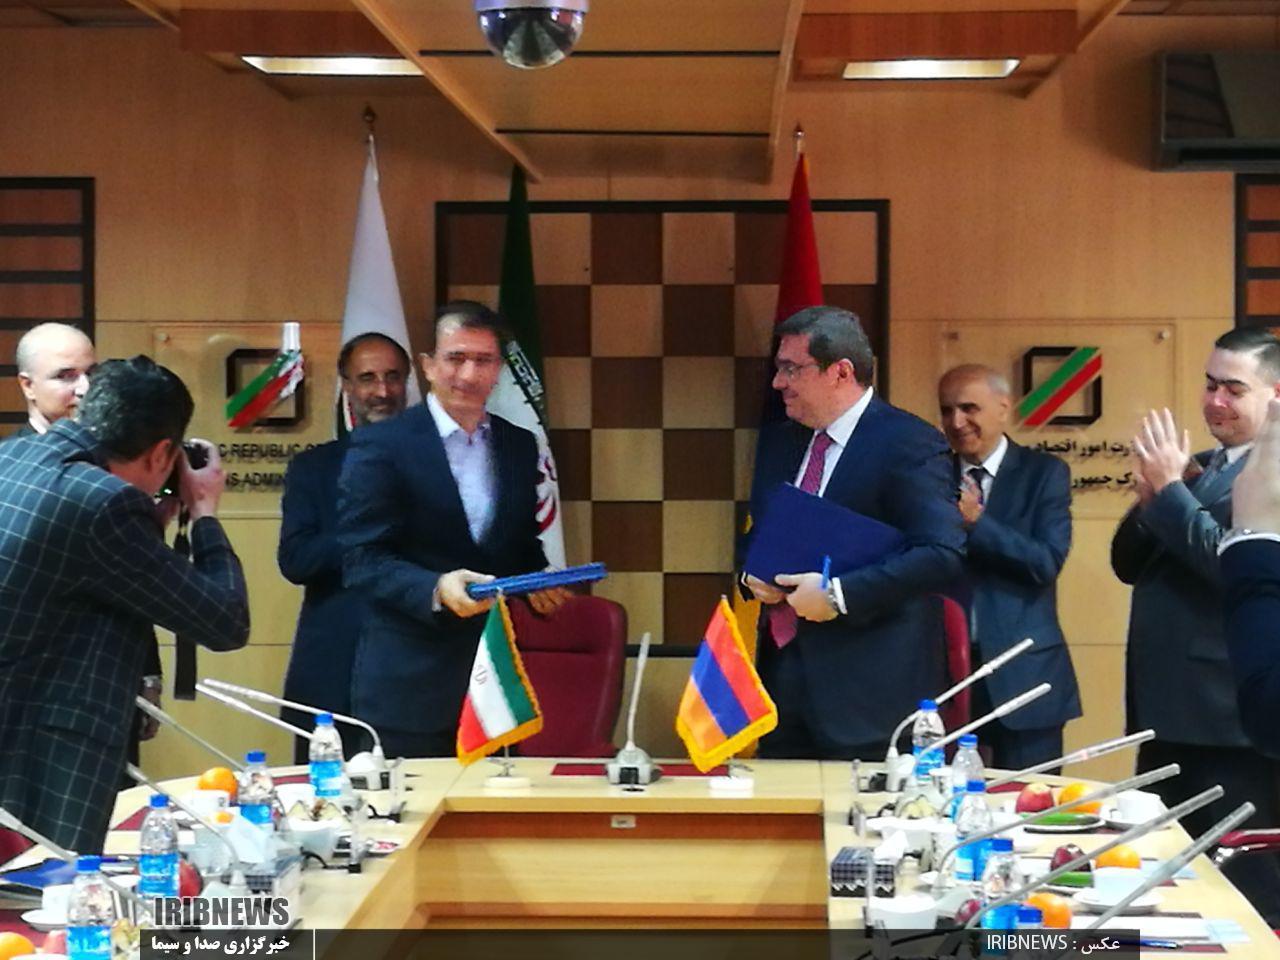 امضای یادداشت تفاهم تبادل ارزش گمرکی با ارمنستان - 11